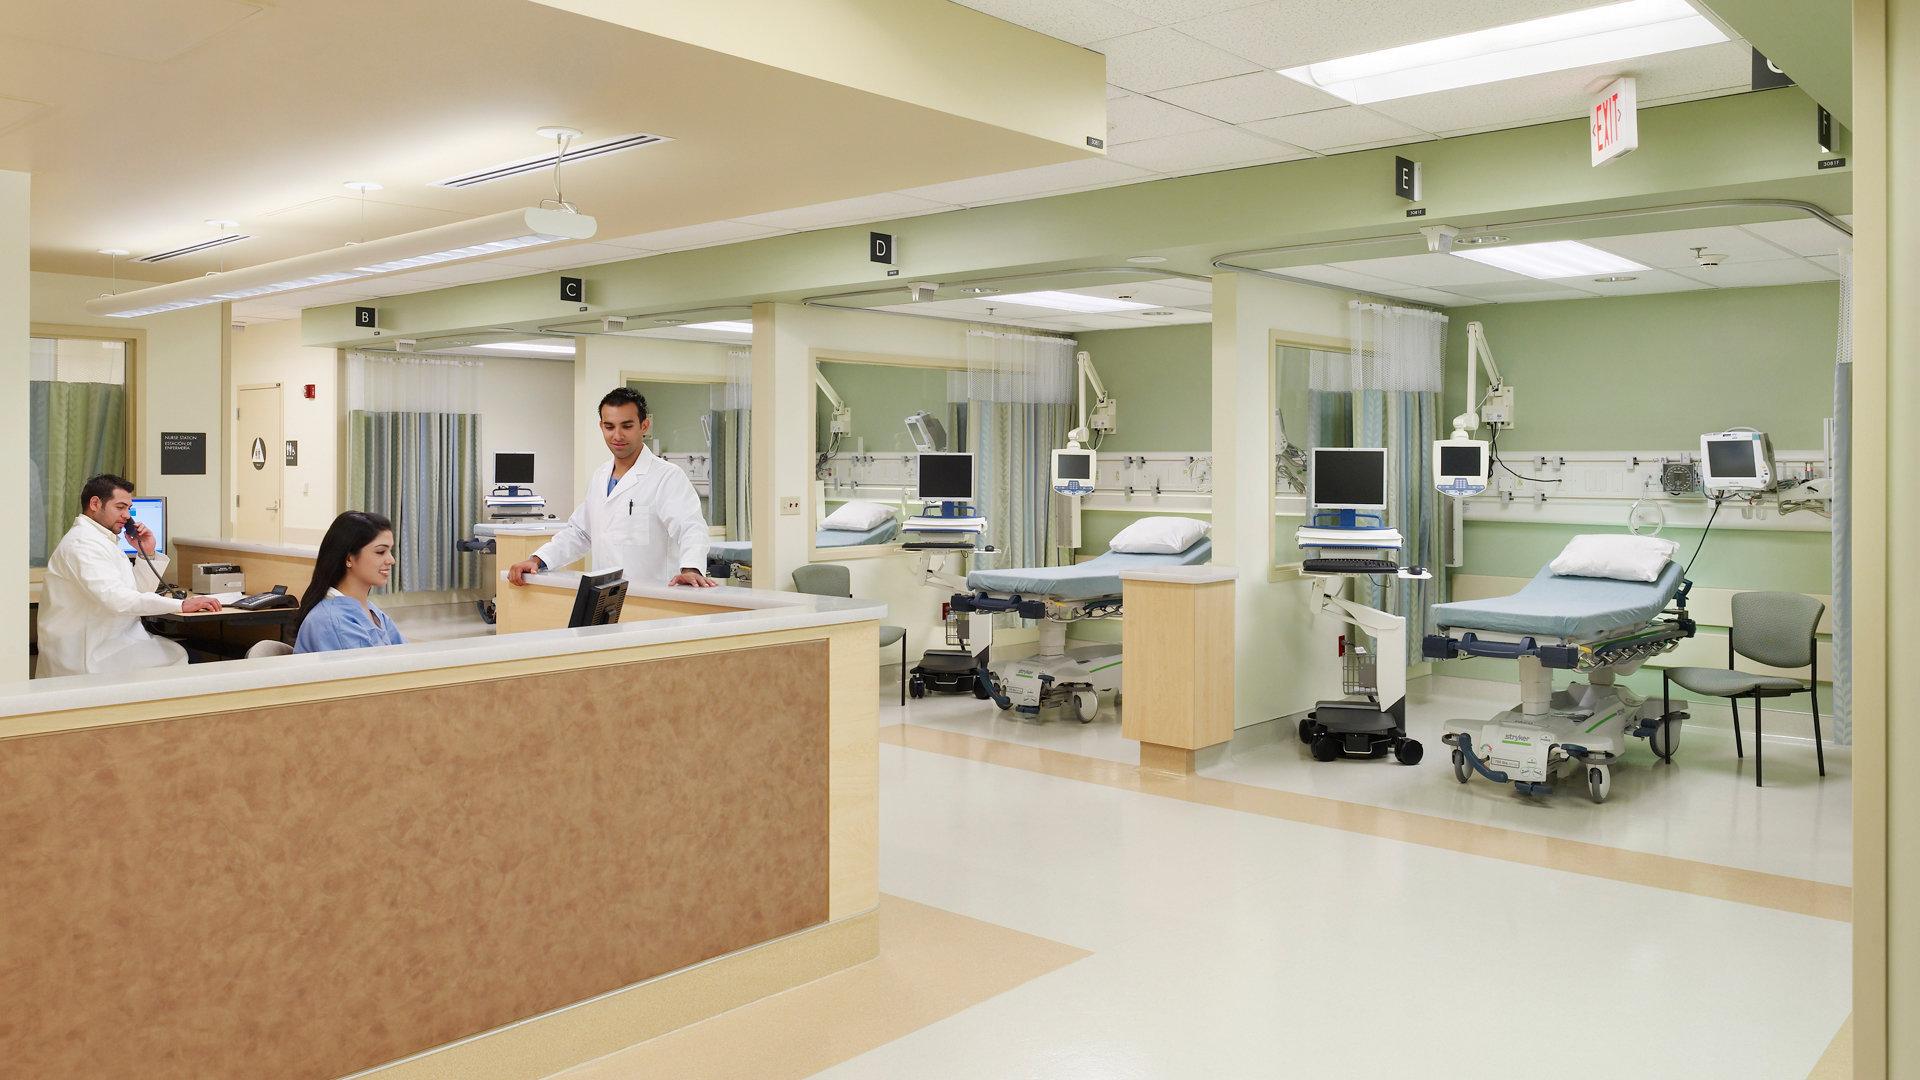 Patients Ward